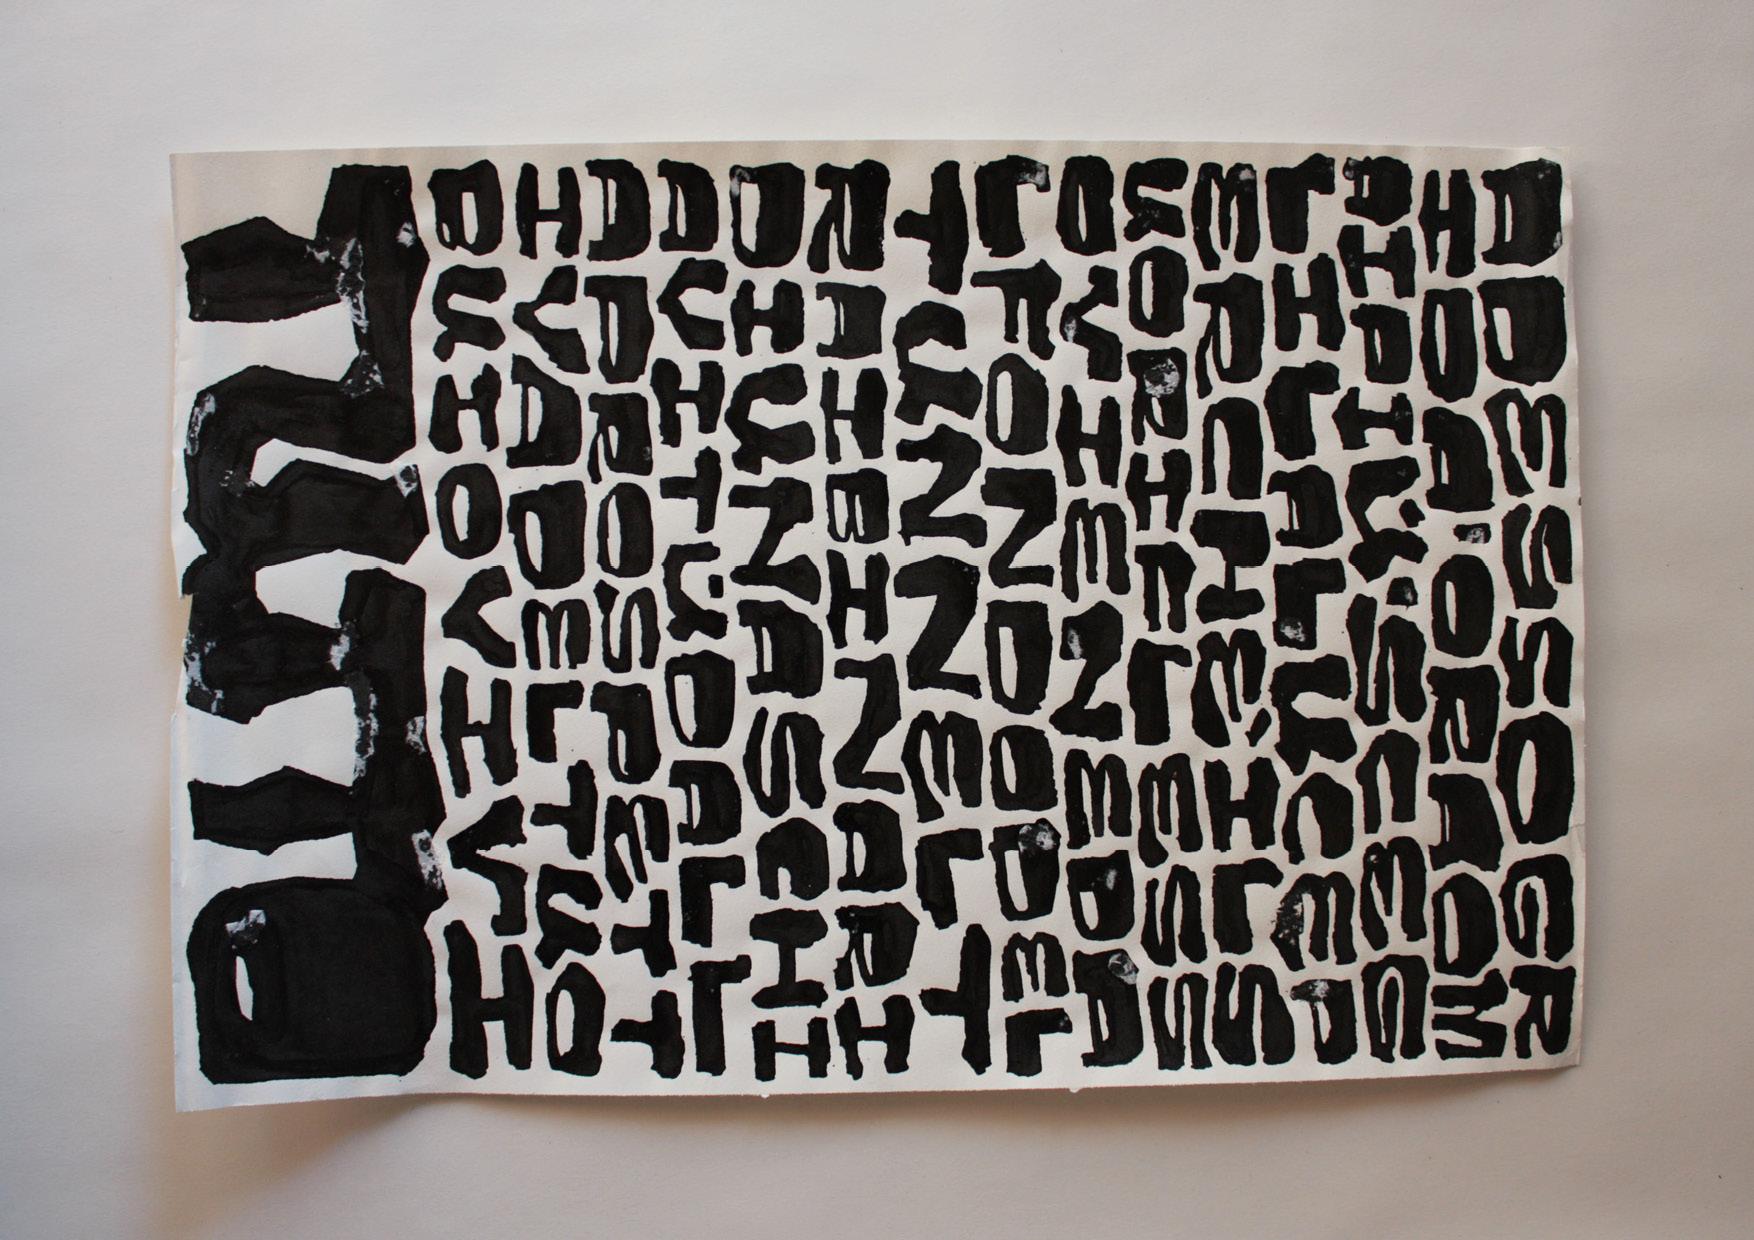 """TuttoTavola ispirata al testo della canzone """"Quassù"""" di Ghemon.L'aggressività della composizione vuole unirsi come un puzzle.Una volta affrontate queste parole, tutti i pezzi sono al loro posto.Penna di latta autoprodotta e inchiostro Sumi su carta.420x280 mm2018"""